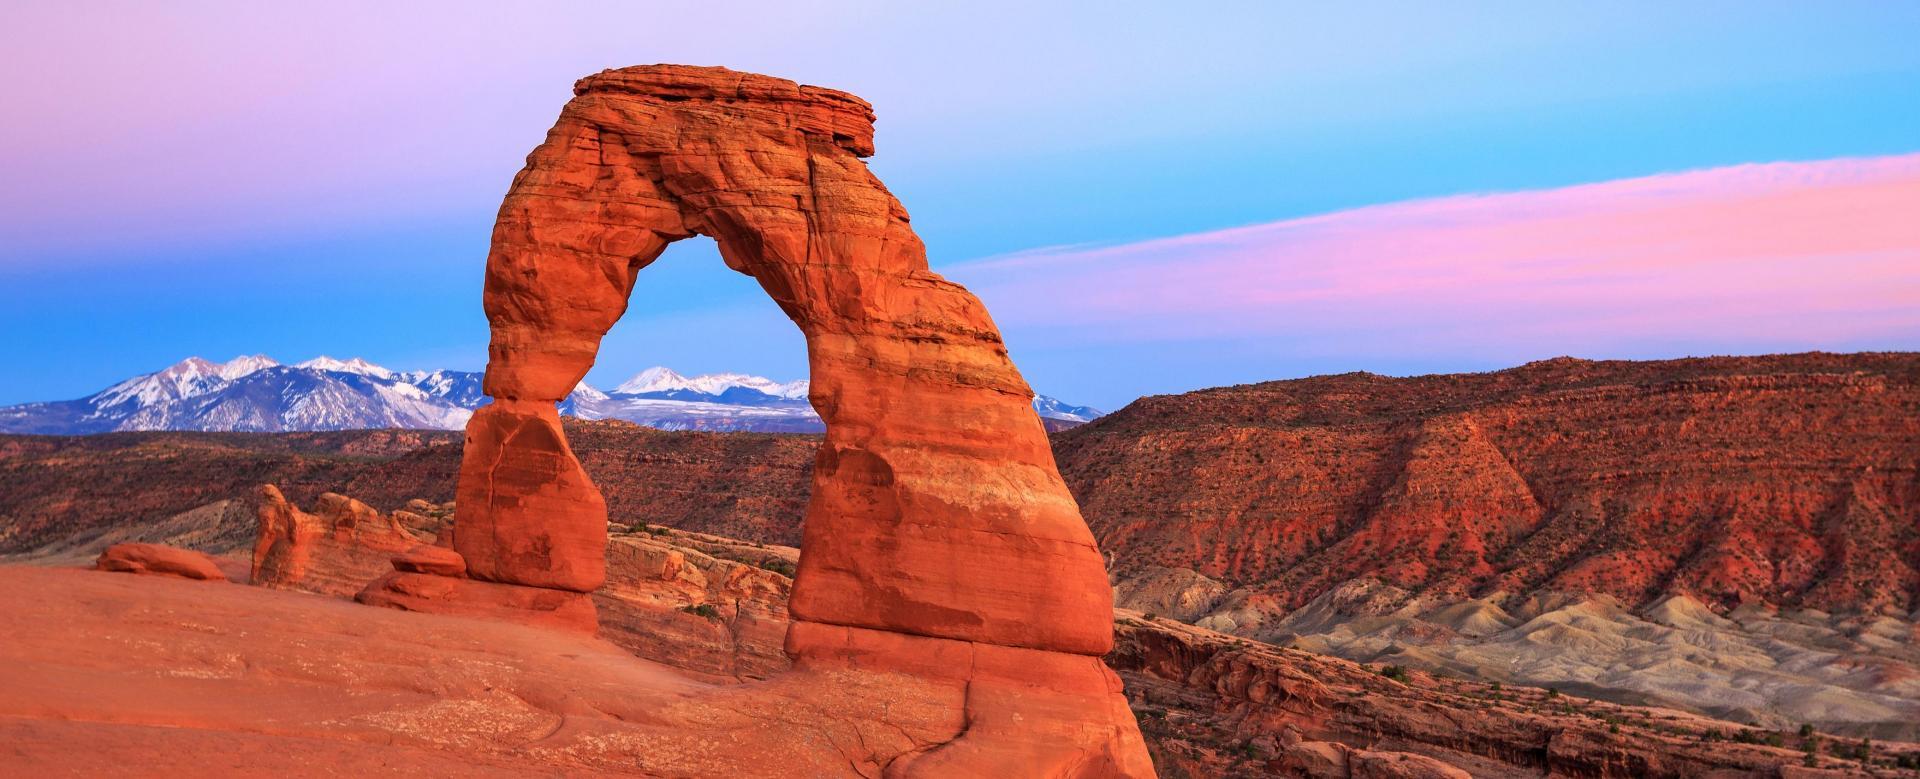 Voyage en véhicule États-Unis : Les déserts de l'ouest